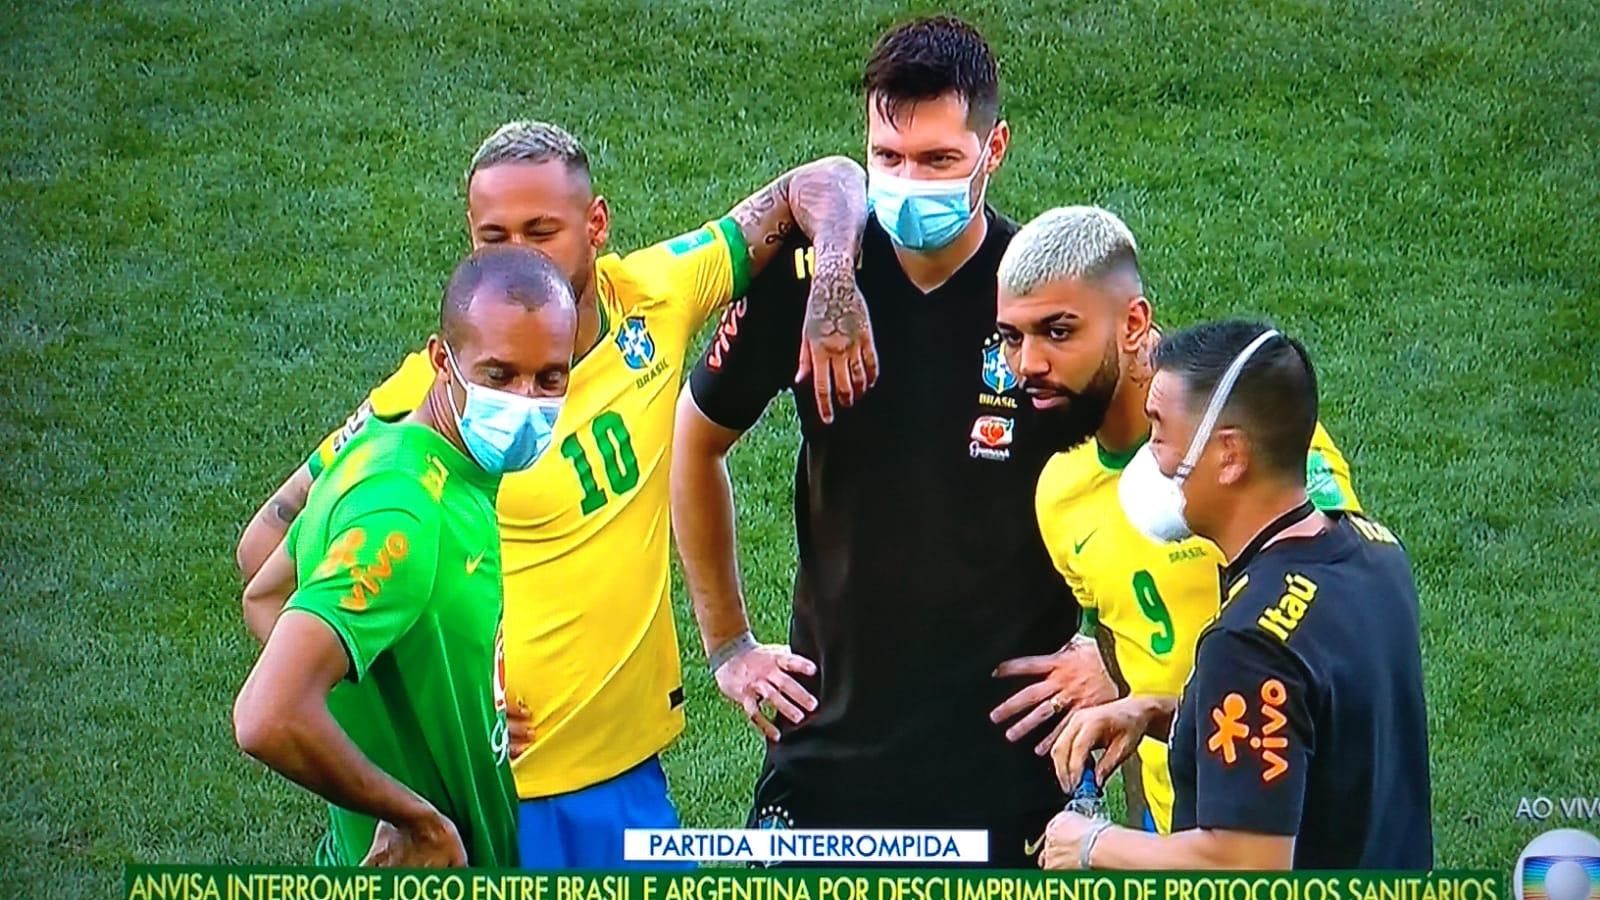 Brasil x Argentina: Jogo pelas eliminatórias é interrompido pela Anvisa